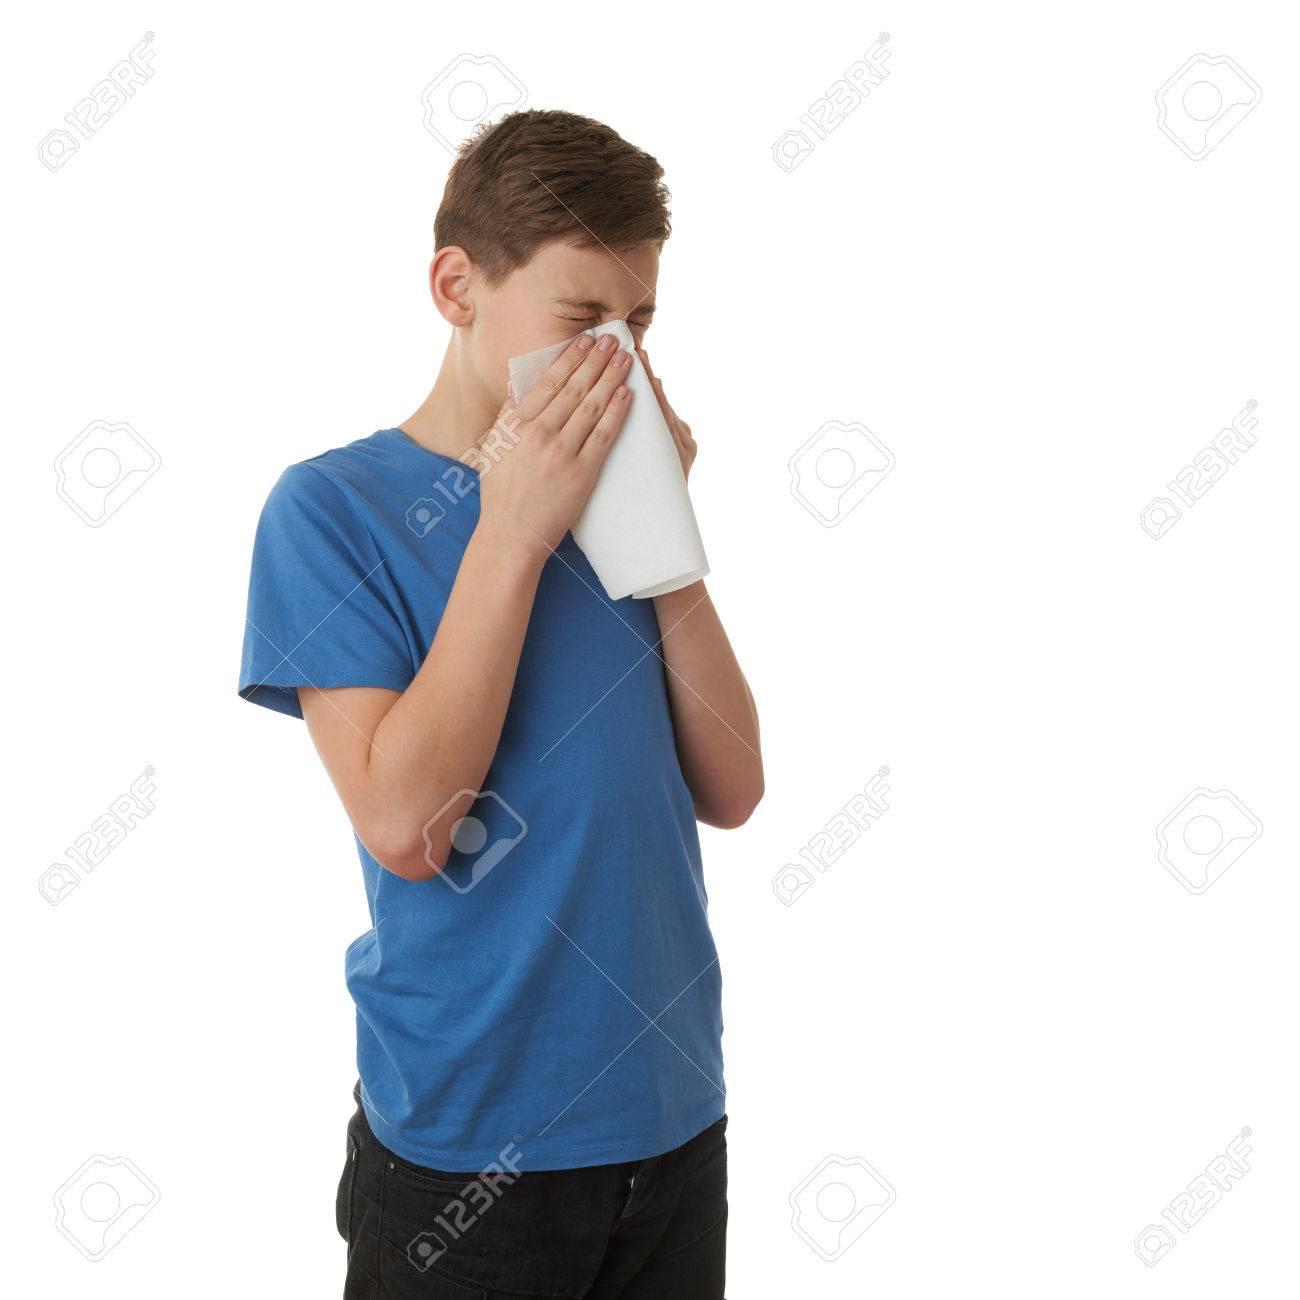 prix de détail inégale en performance styles classiques Garçon mignon adolescent en T-shirt bleu avec mouchoir sur fond blanc  isolé, moitié du corps, notion de maladie